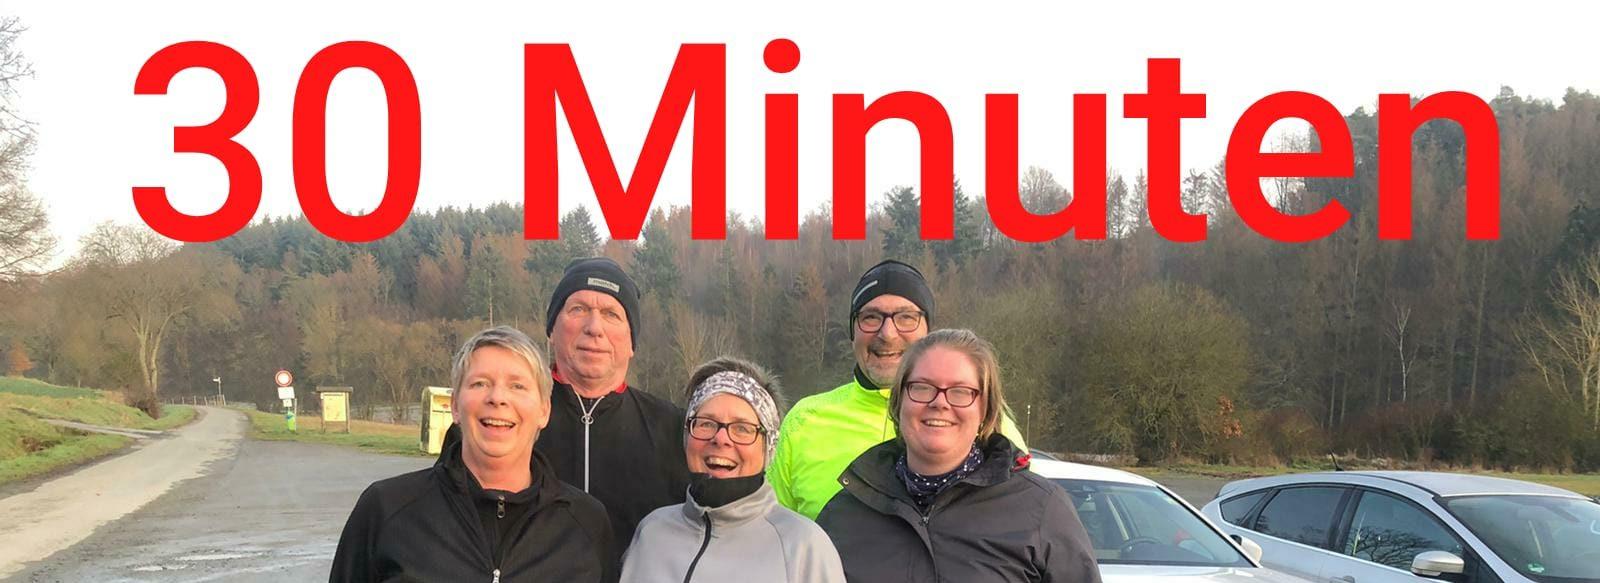 Entspannung, Fitness, Prävention, Rehasport, Nordic Walking-/Lauftreff und viel Spaß